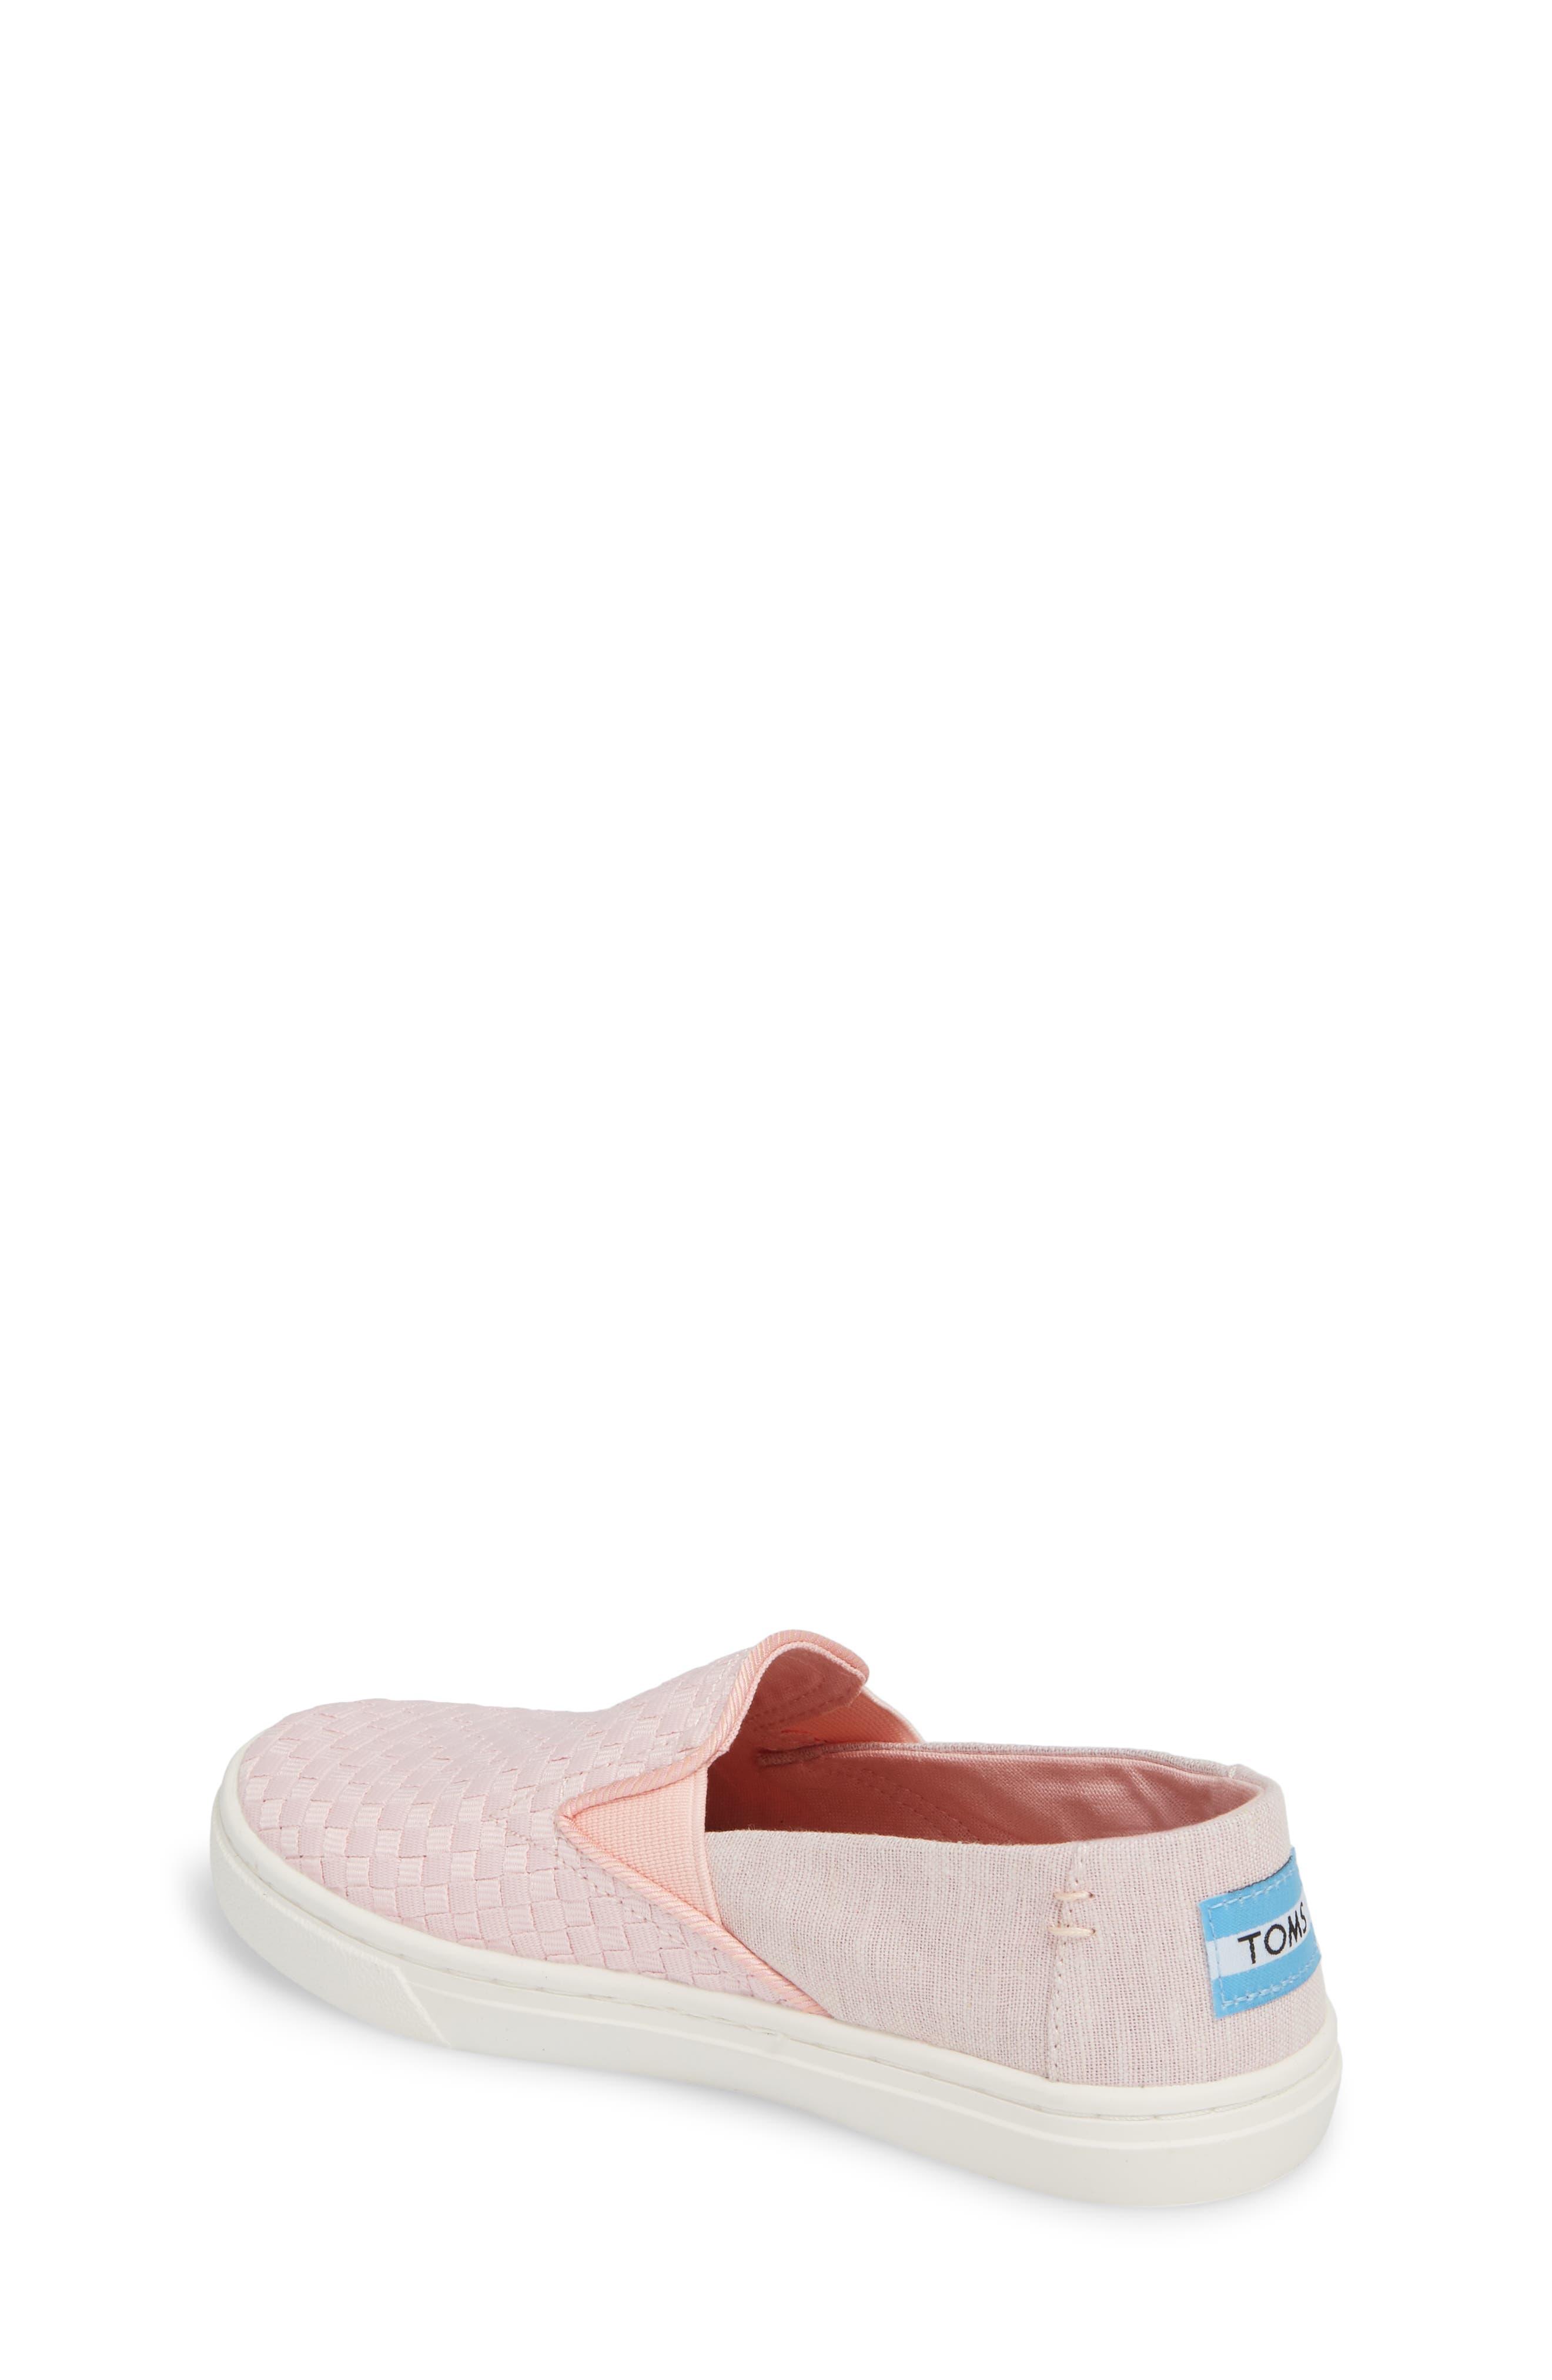 Luca Slip-On Sneaker,                             Alternate thumbnail 17, color,